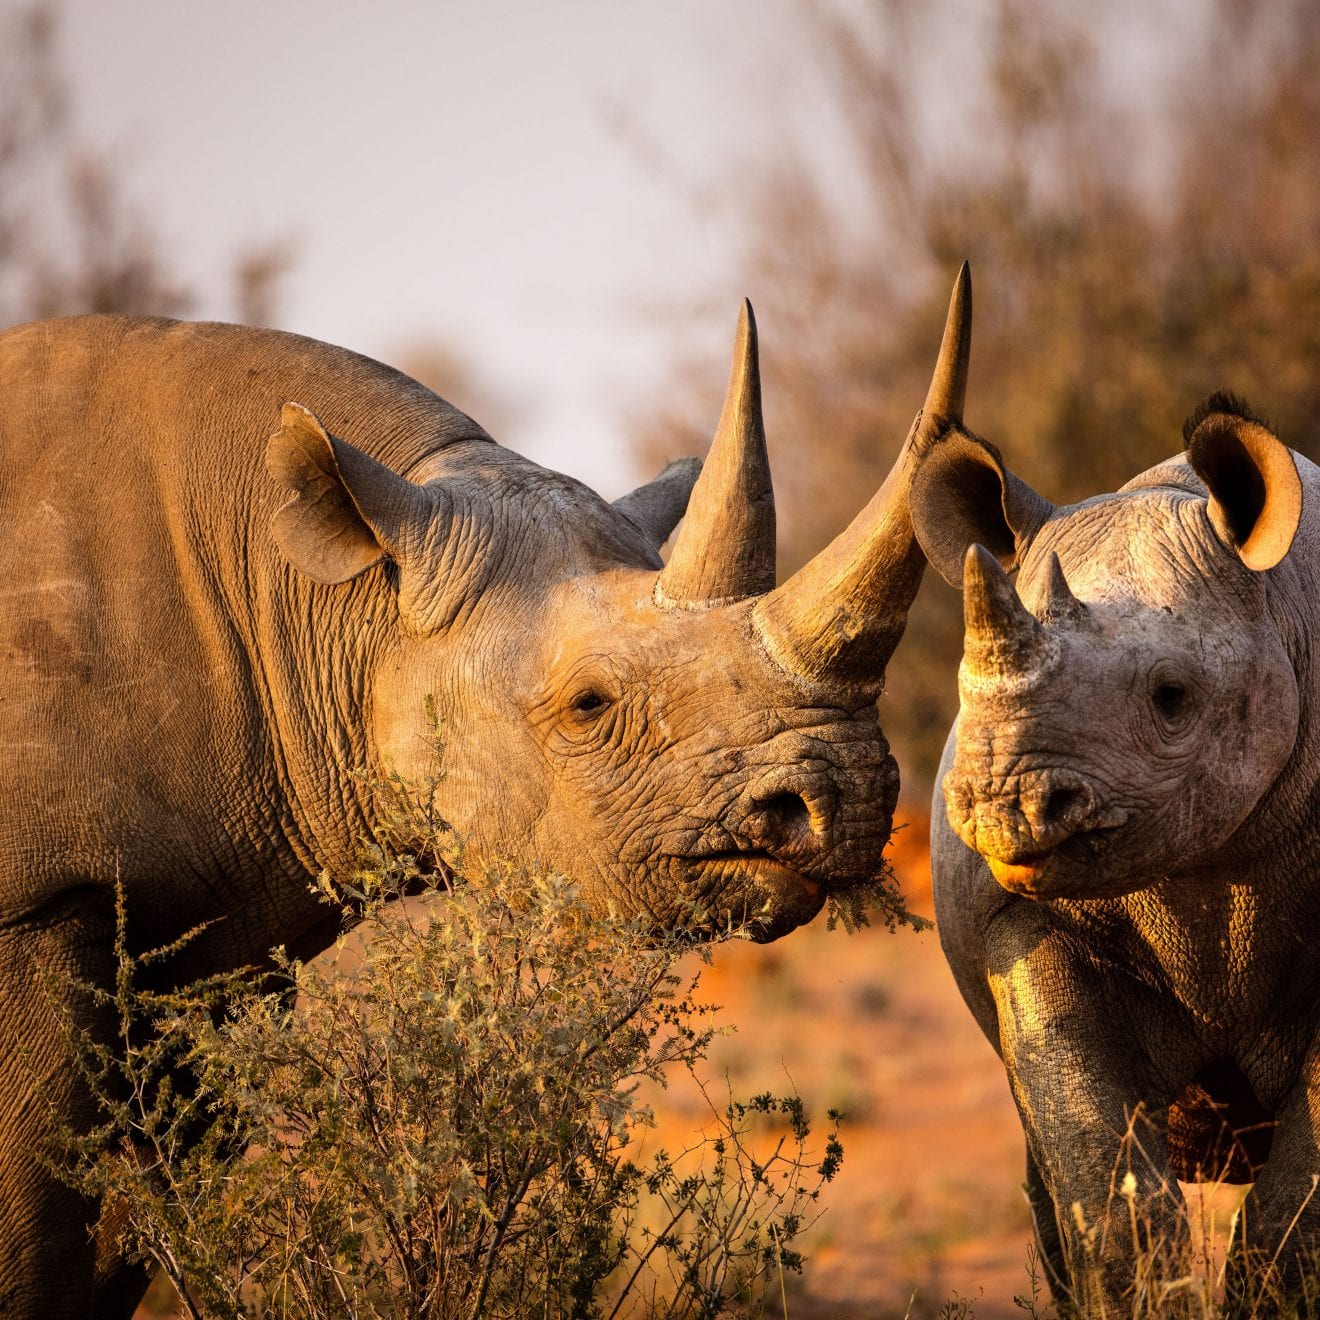 rhino's in the African bush